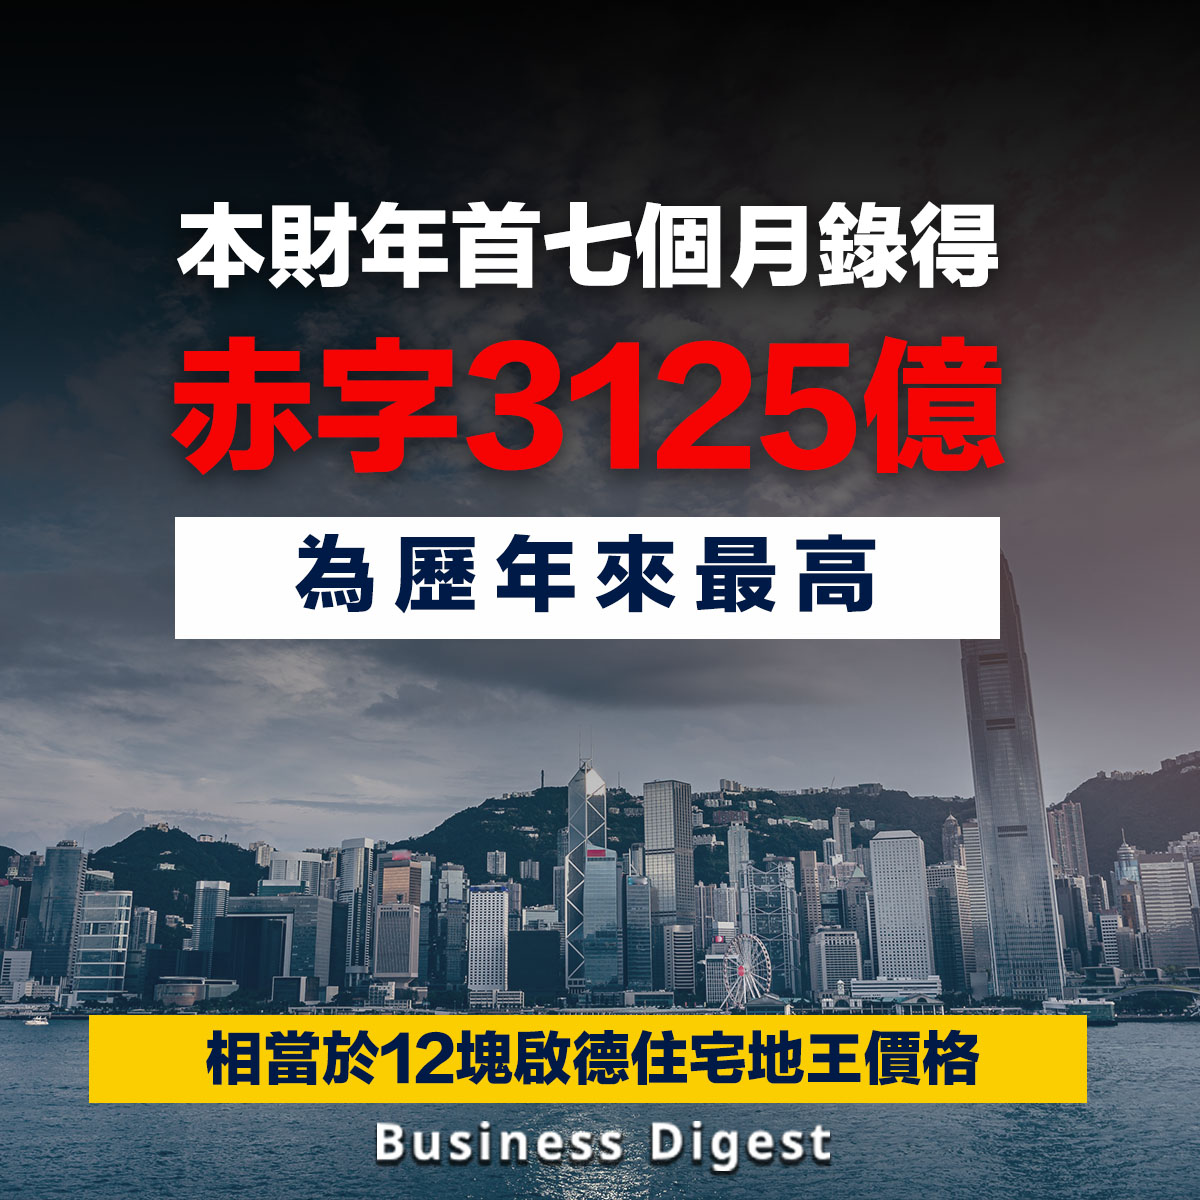 港府本財年首七個月錄得赤字3125億